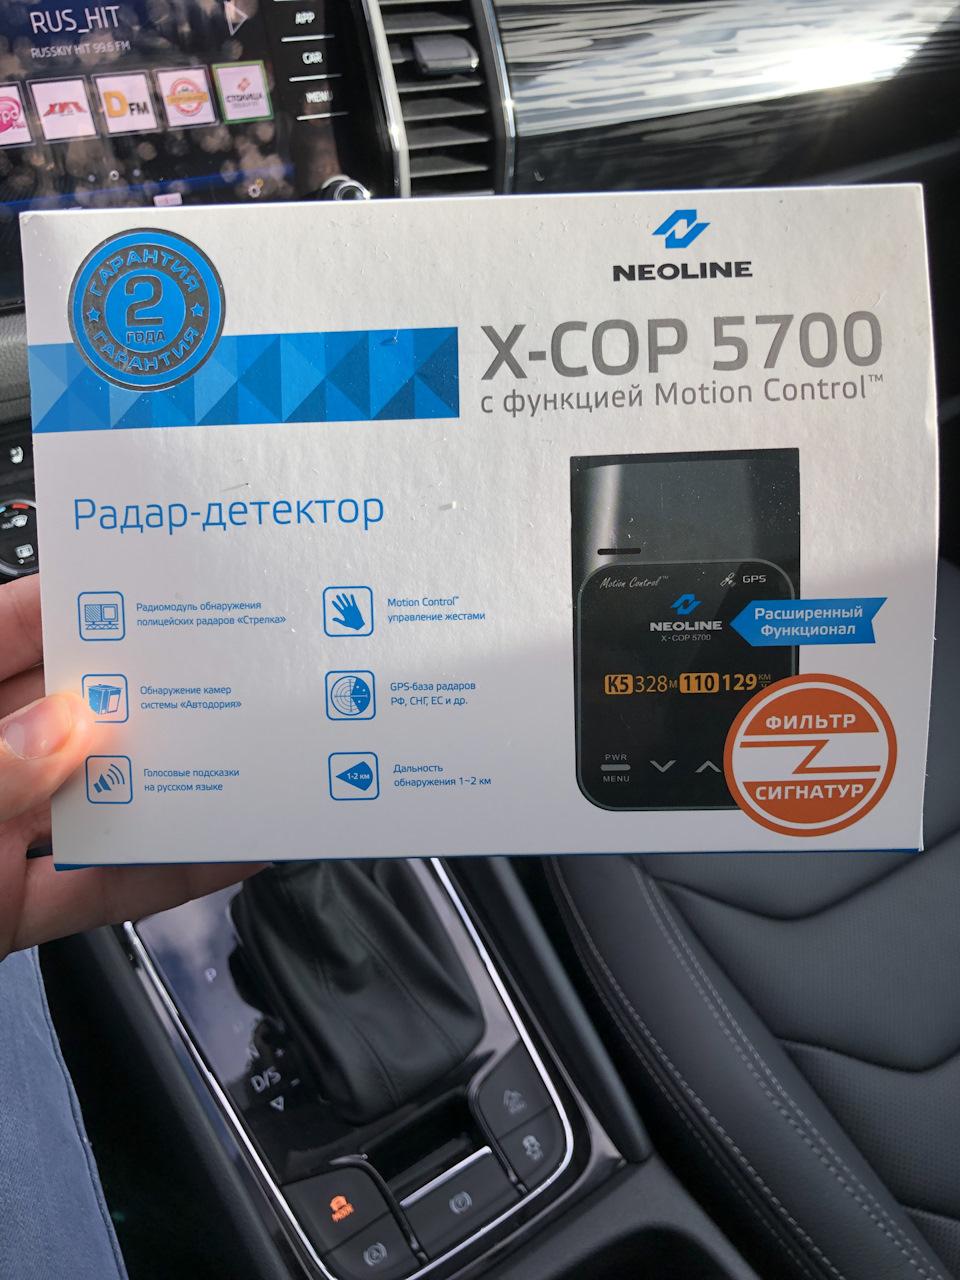 SyAAAgCsMuA-960.jpg